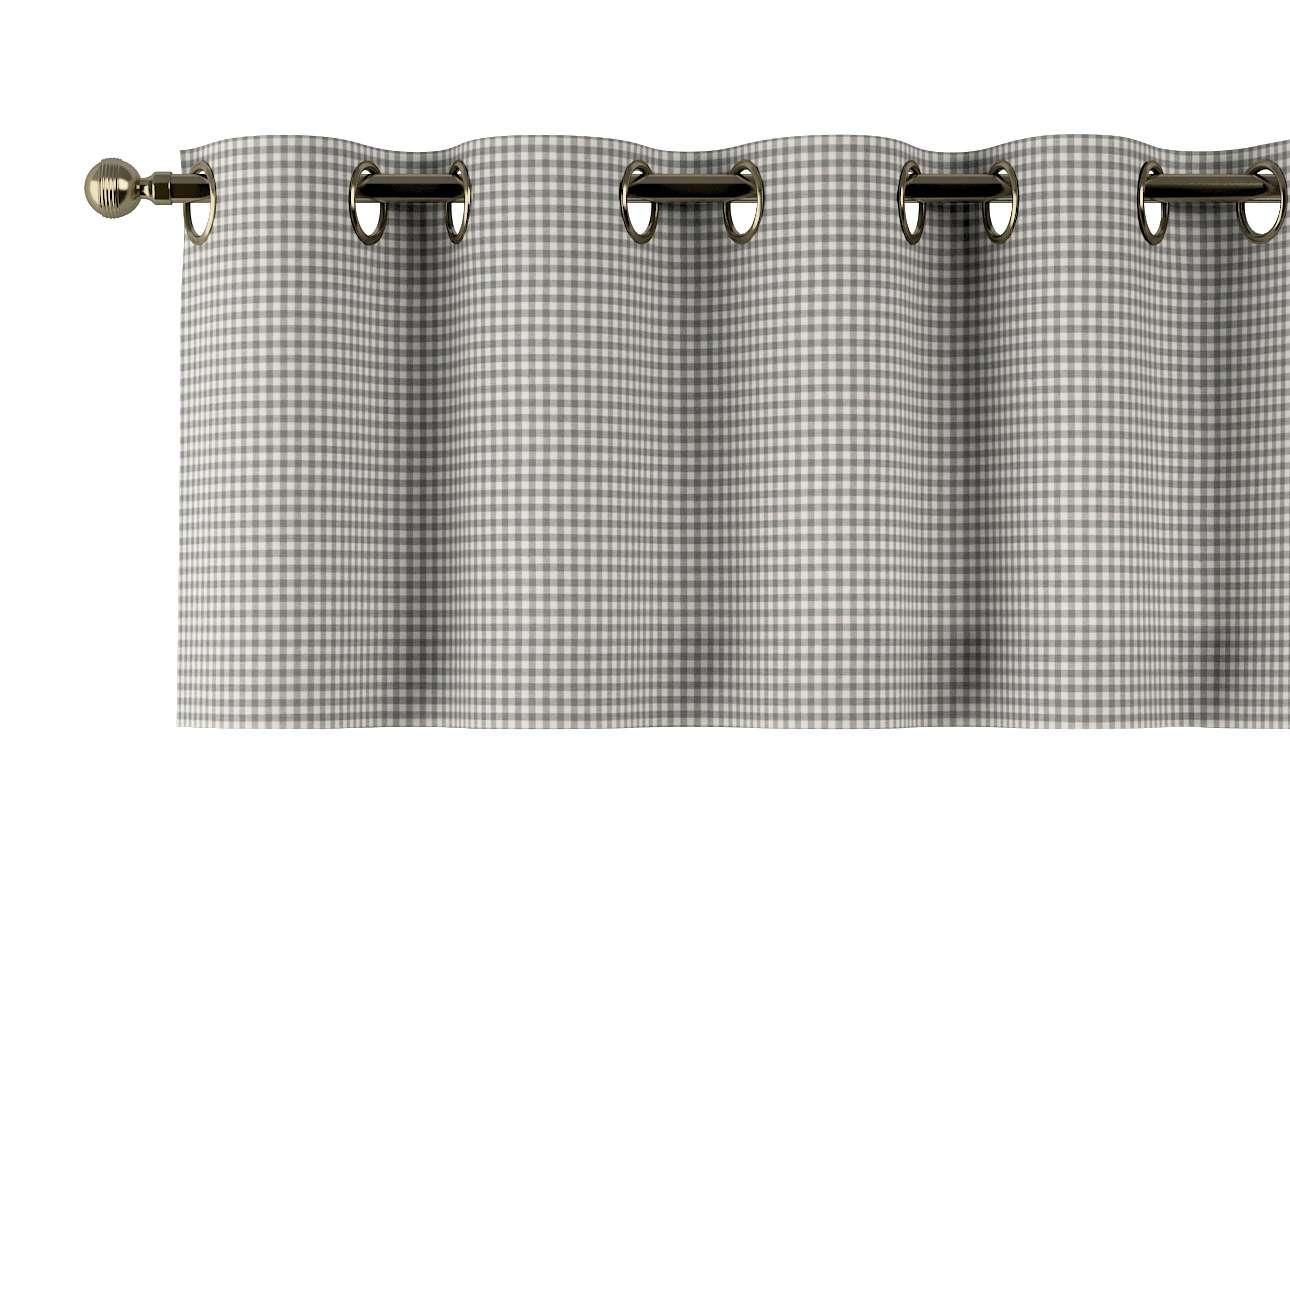 Kurzgardine mit Ösen 130x40cm von der Kollektion Quadro, Stoff: 136-10